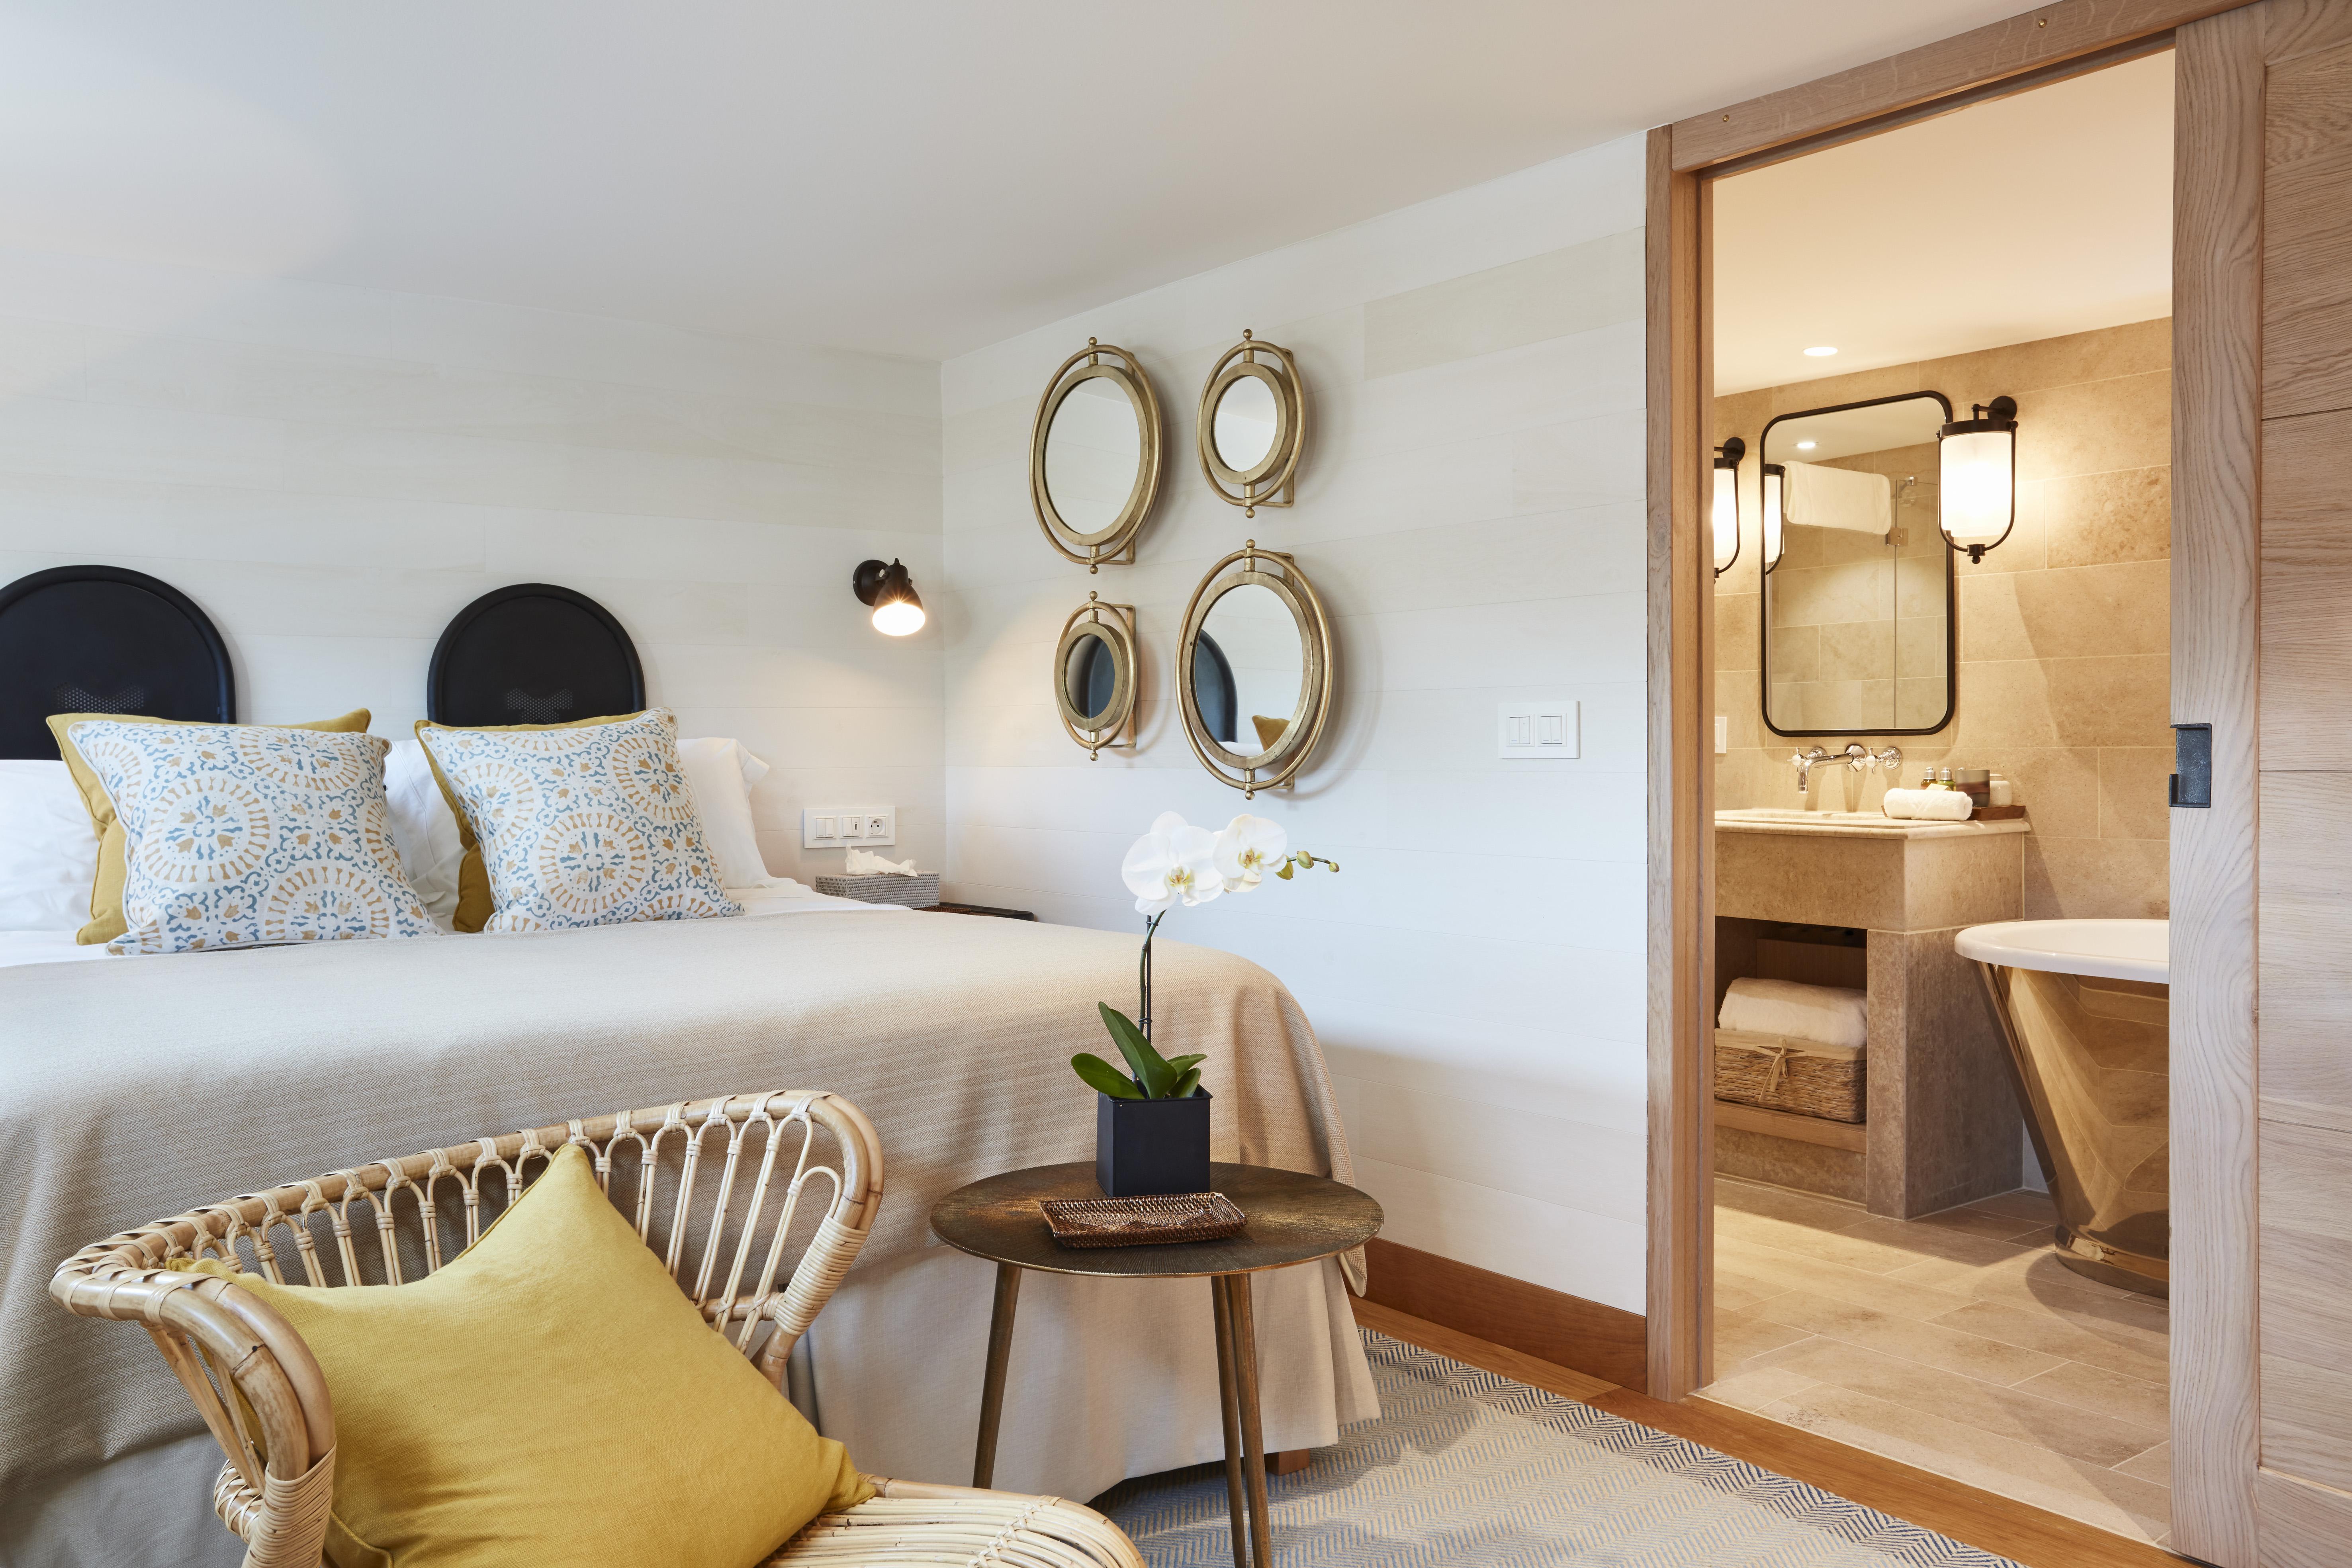 belmond-lilas-cabin